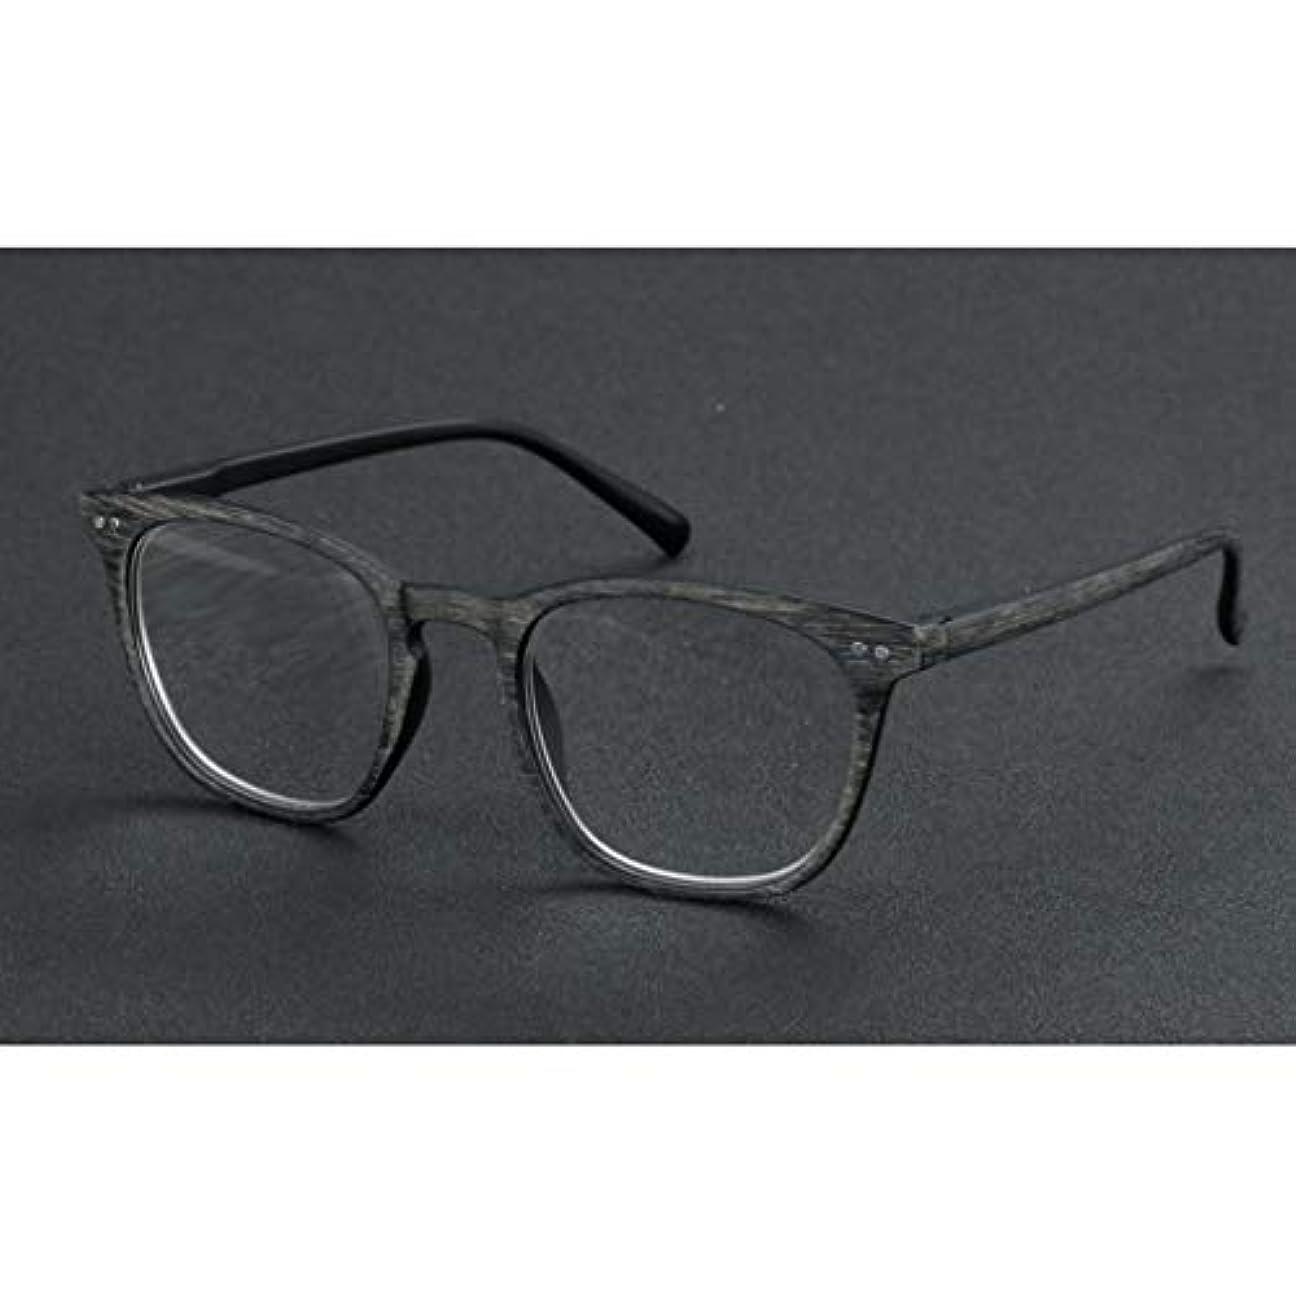 スマートサンフォトクロミック老眼鏡、プログレッシブマルチフォーカススプリングヒンジ、遠近両用屋外用光学アイウェア